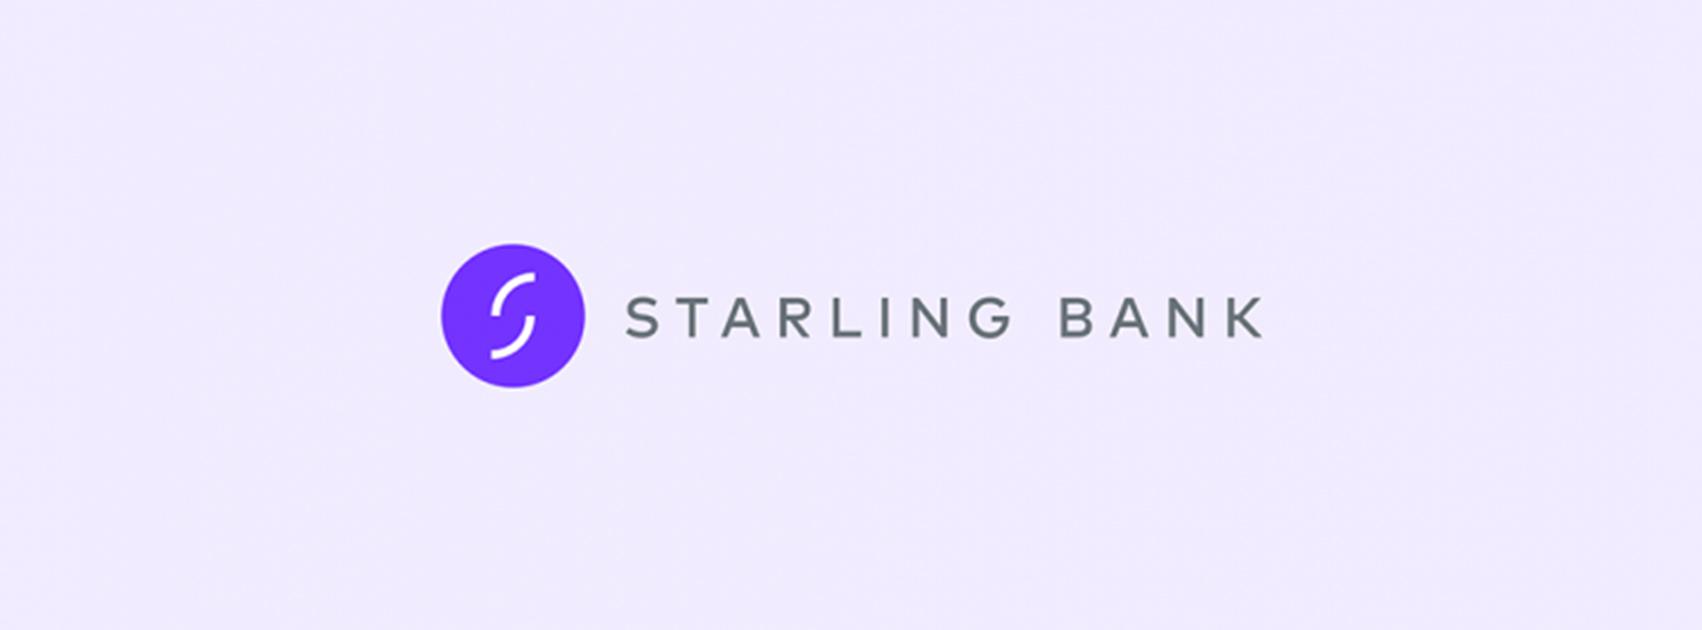 Starling Bank -